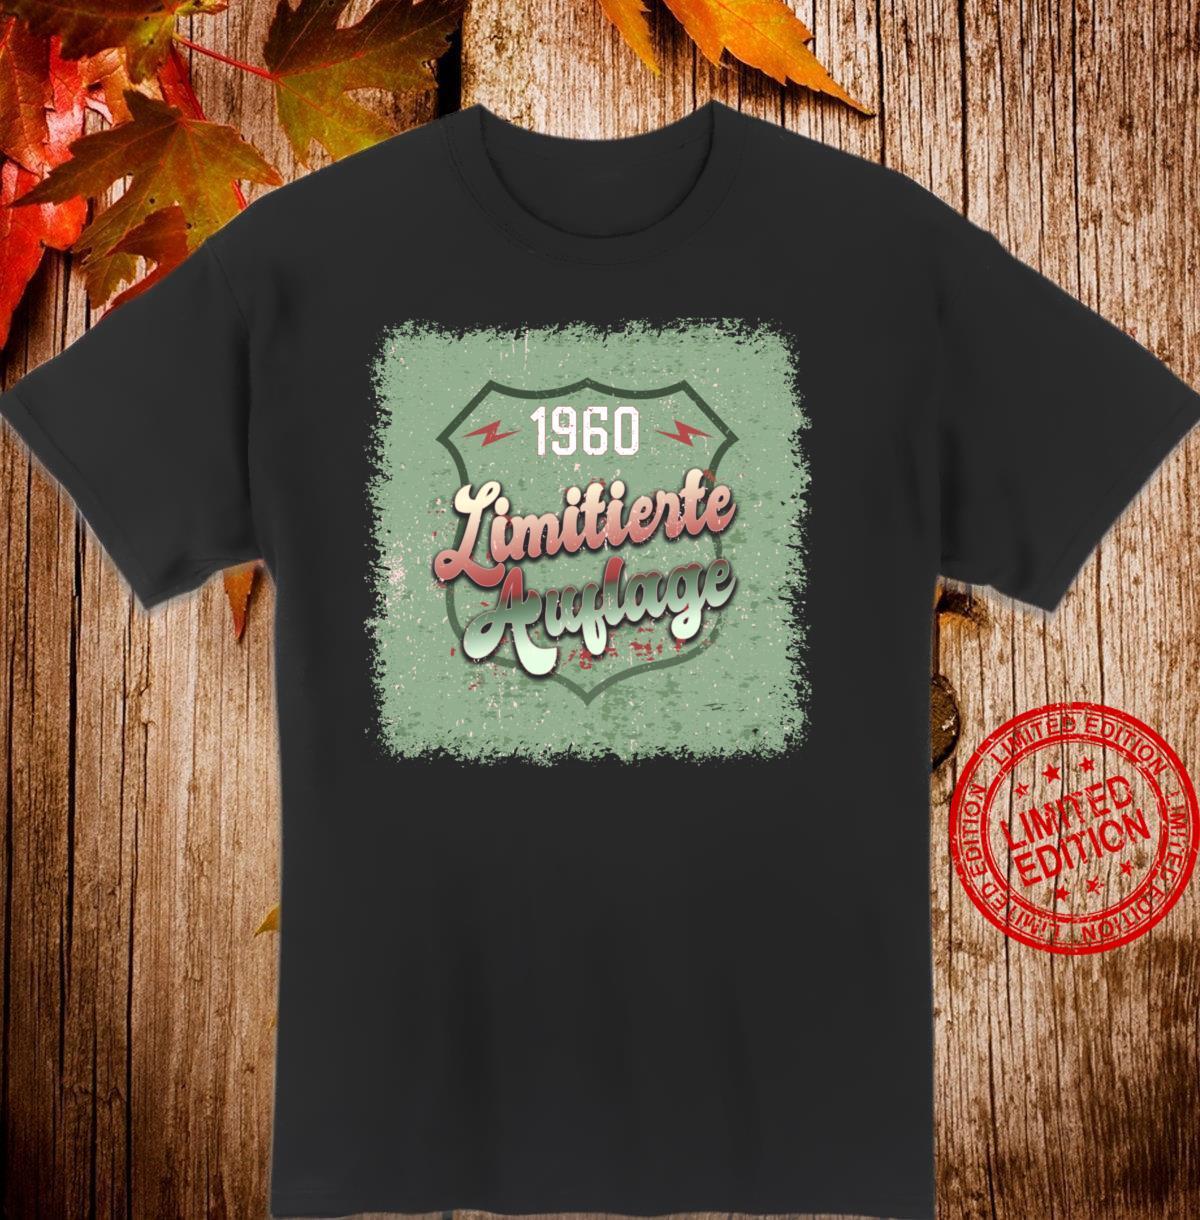 60 Jahre Geburtstag Limitierte Auflage 1960 Shirt